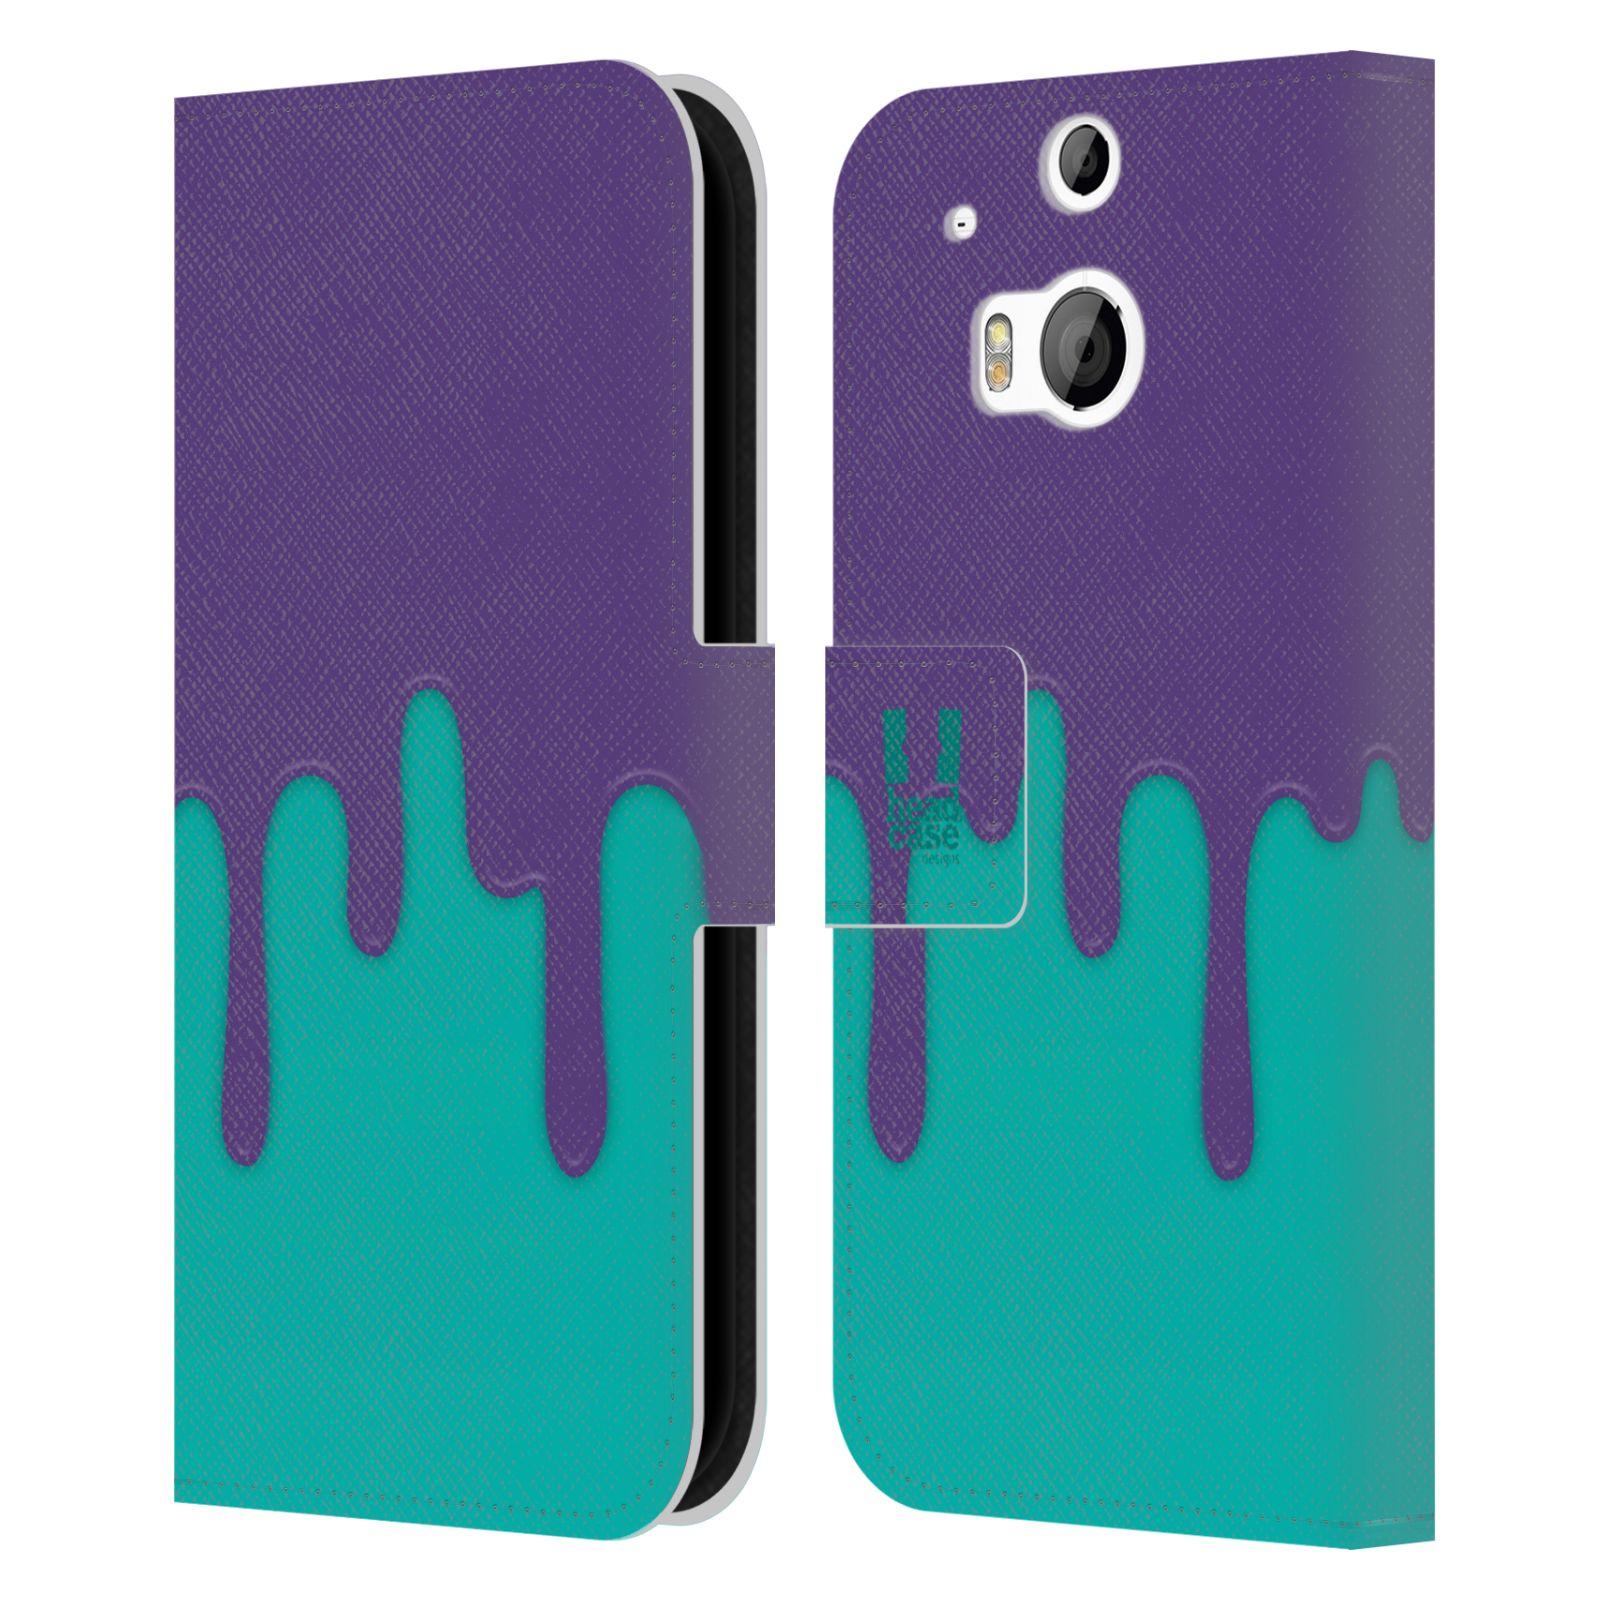 HEAD CASE Flipové pouzdro pro mobil HTC ONE (M8, M8s) Rozlitá barva fialová a tyrkysová